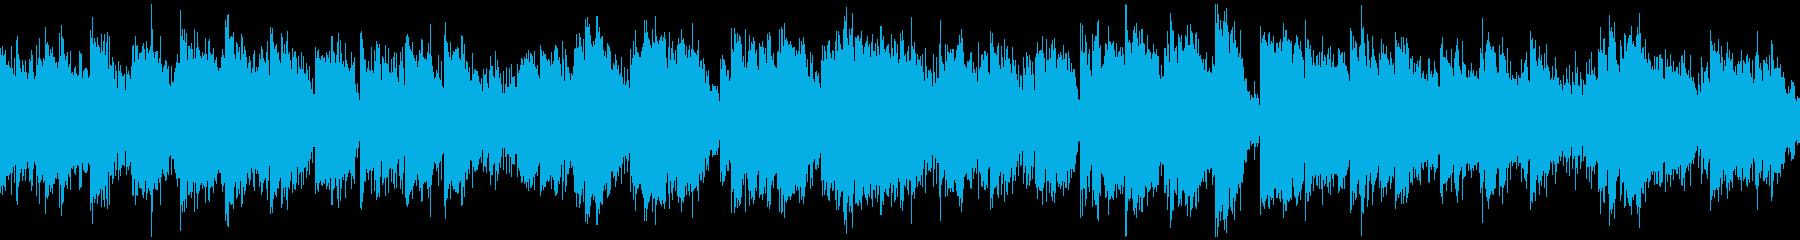 穏やかで安らぐヒーリング曲※ループ仕様版の再生済みの波形